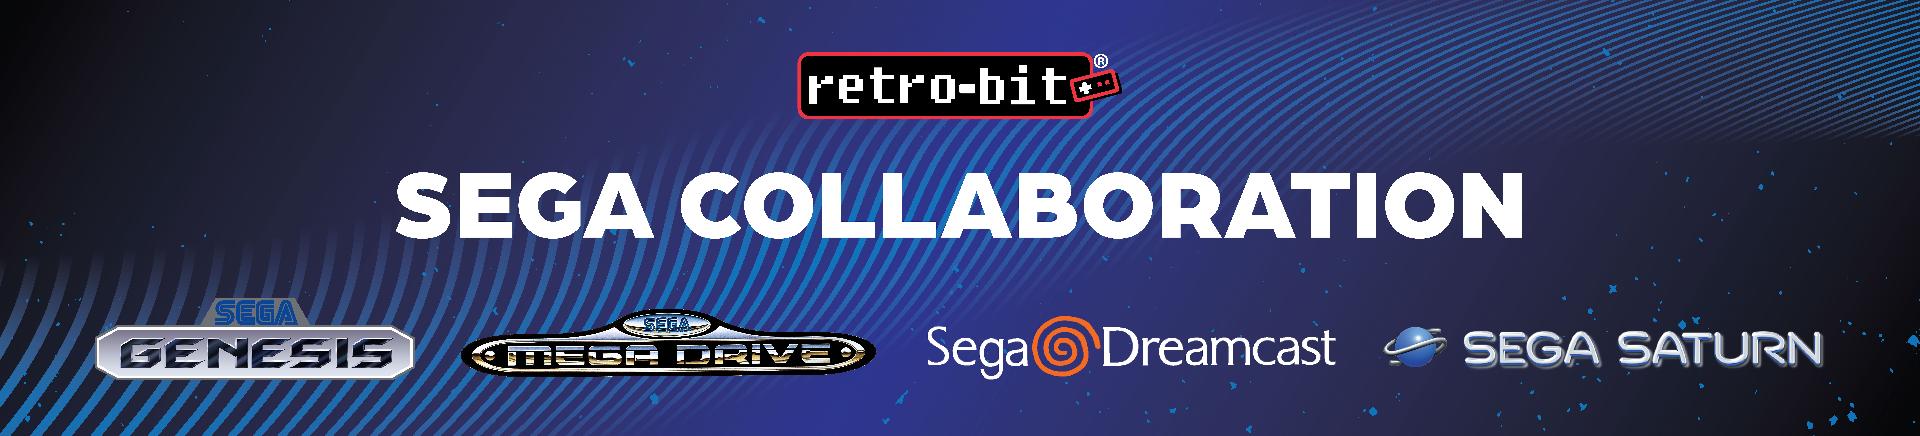 RB-Sega-Banner-12-10-18.png